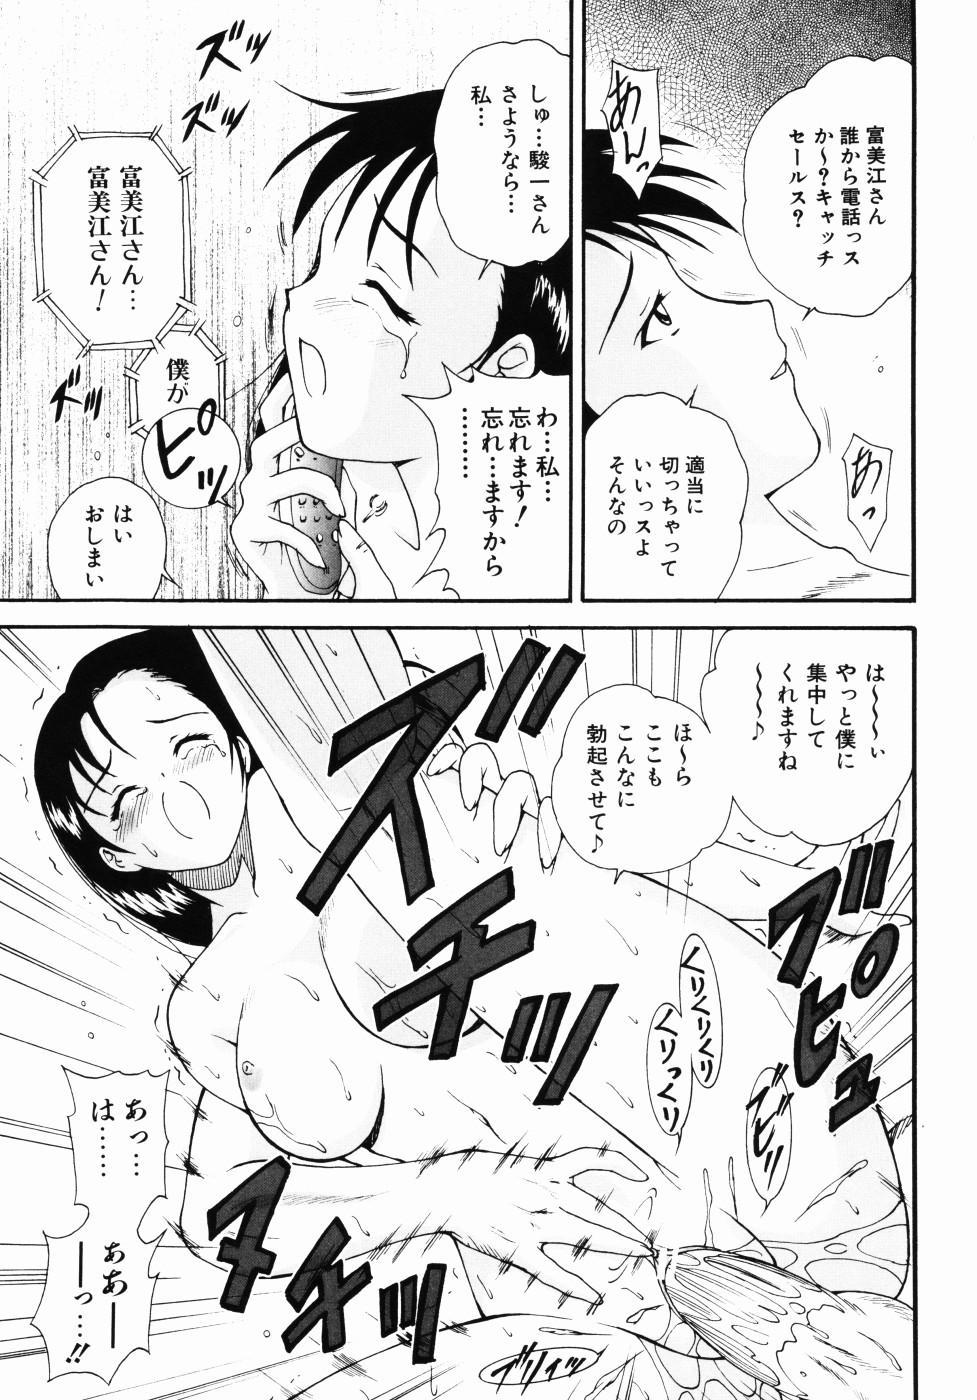 Daikyou Megami 23